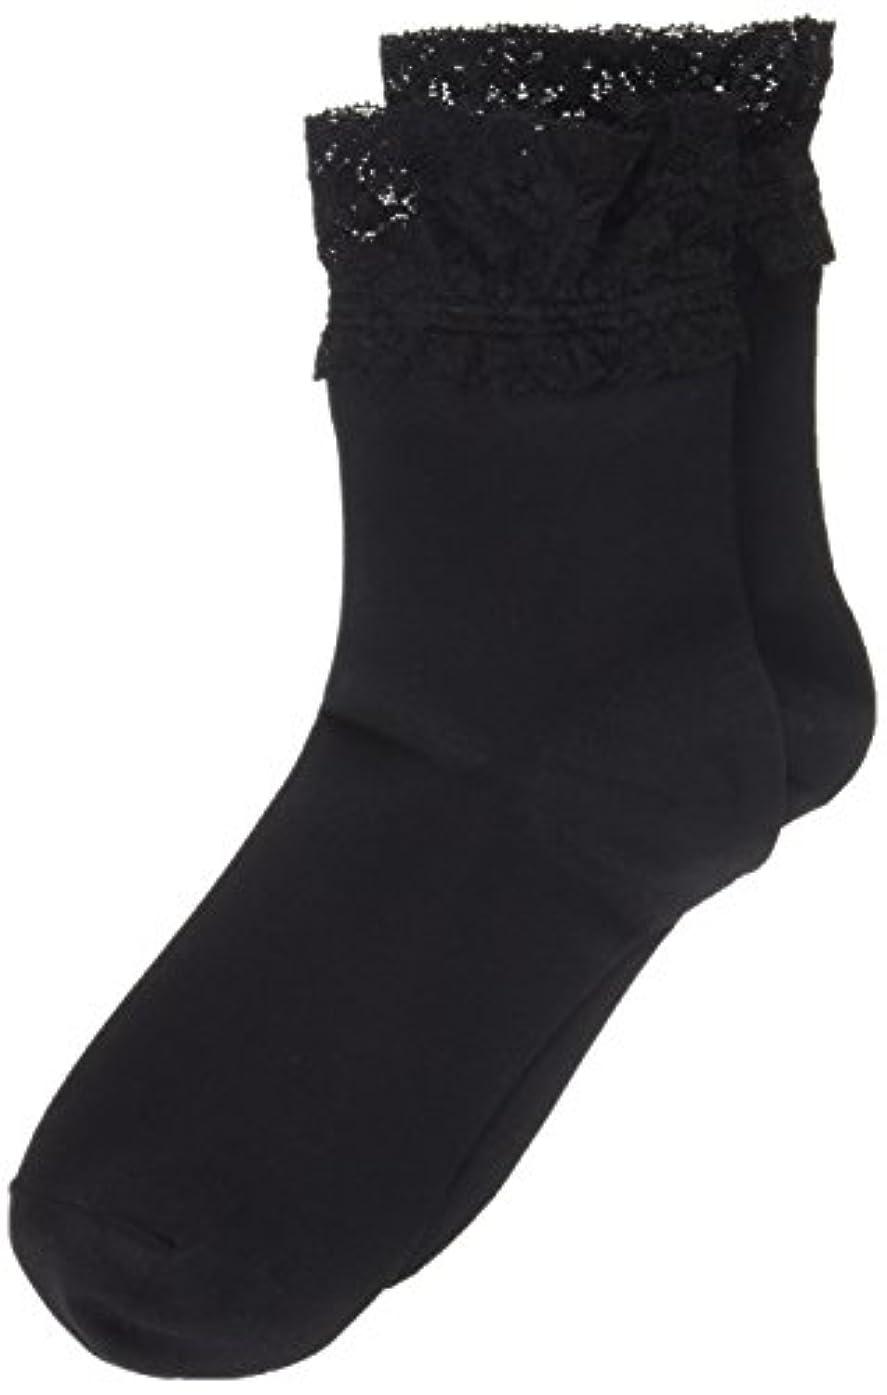 模倣雑品弾丸AR0213 ミセススニーカーソックス(婦人靴下) ゆったりはきやすい 22-24cm ブラック